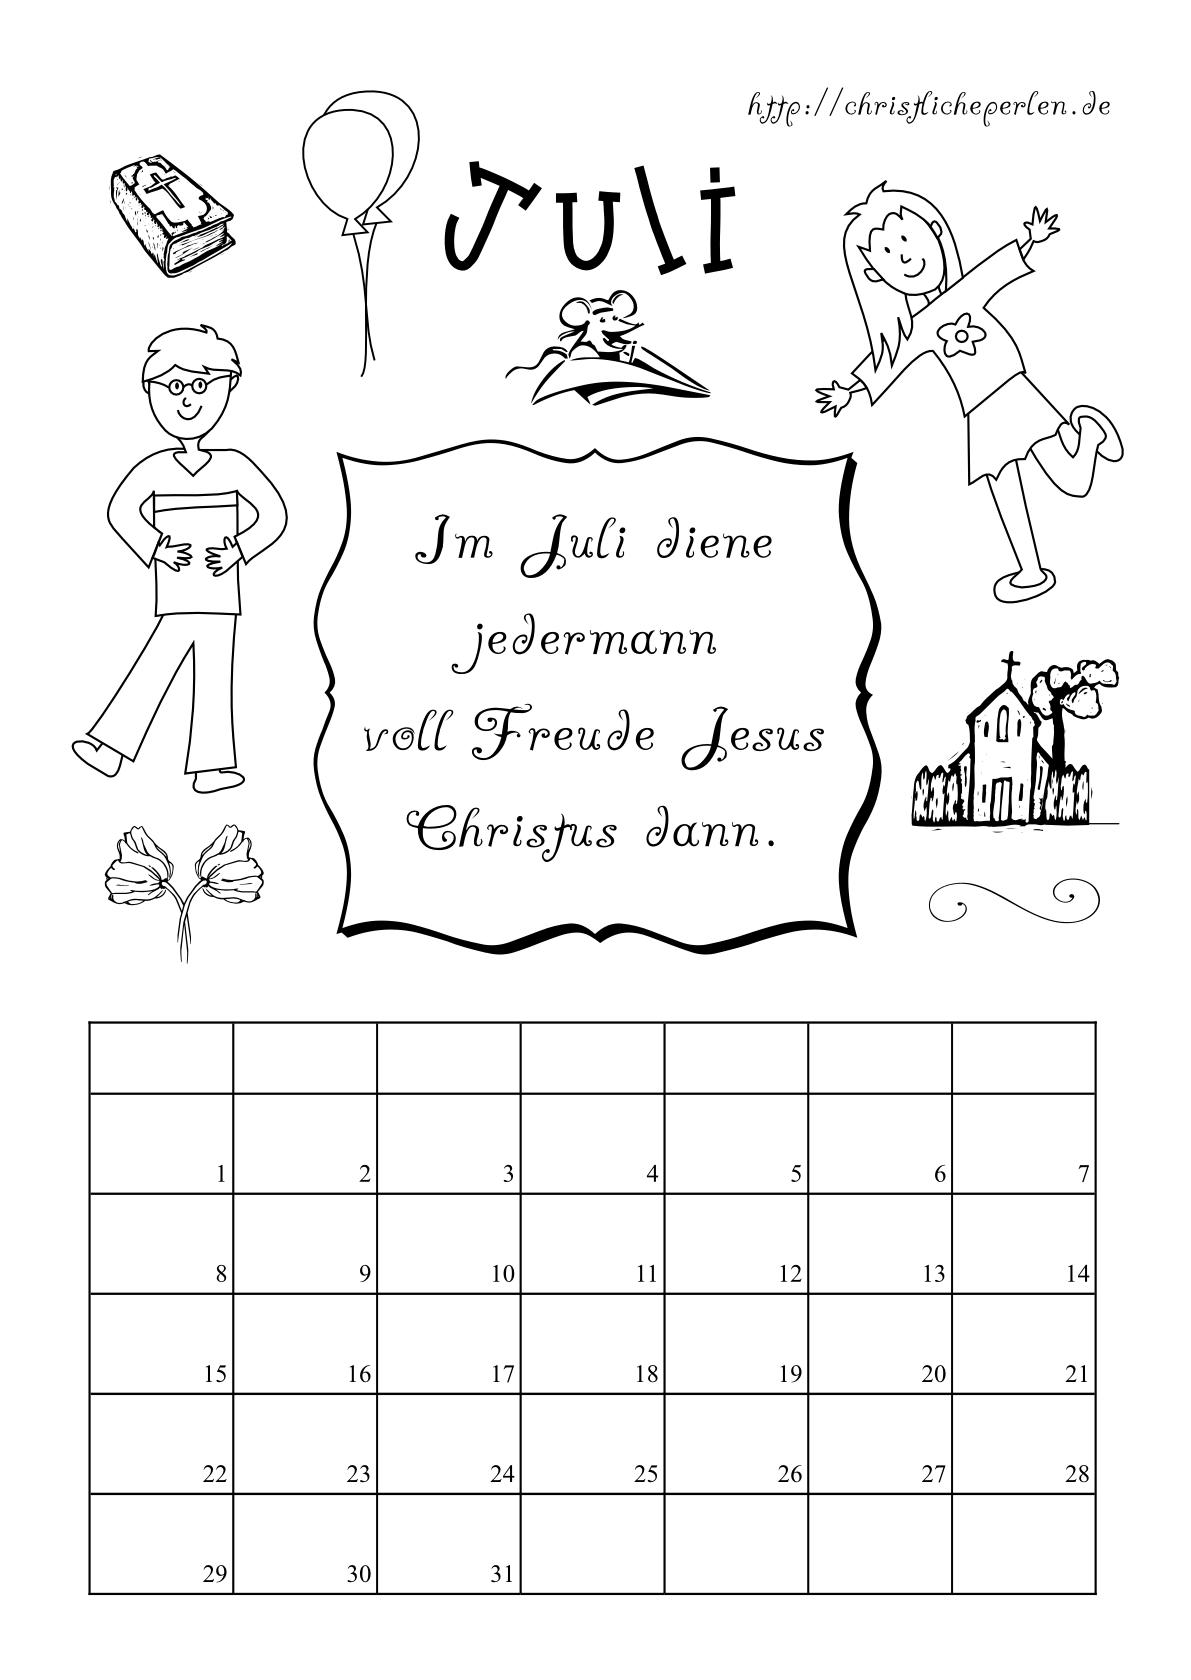 Kalender zum Ausdrucken und Ausmalen : Christliche Perlen